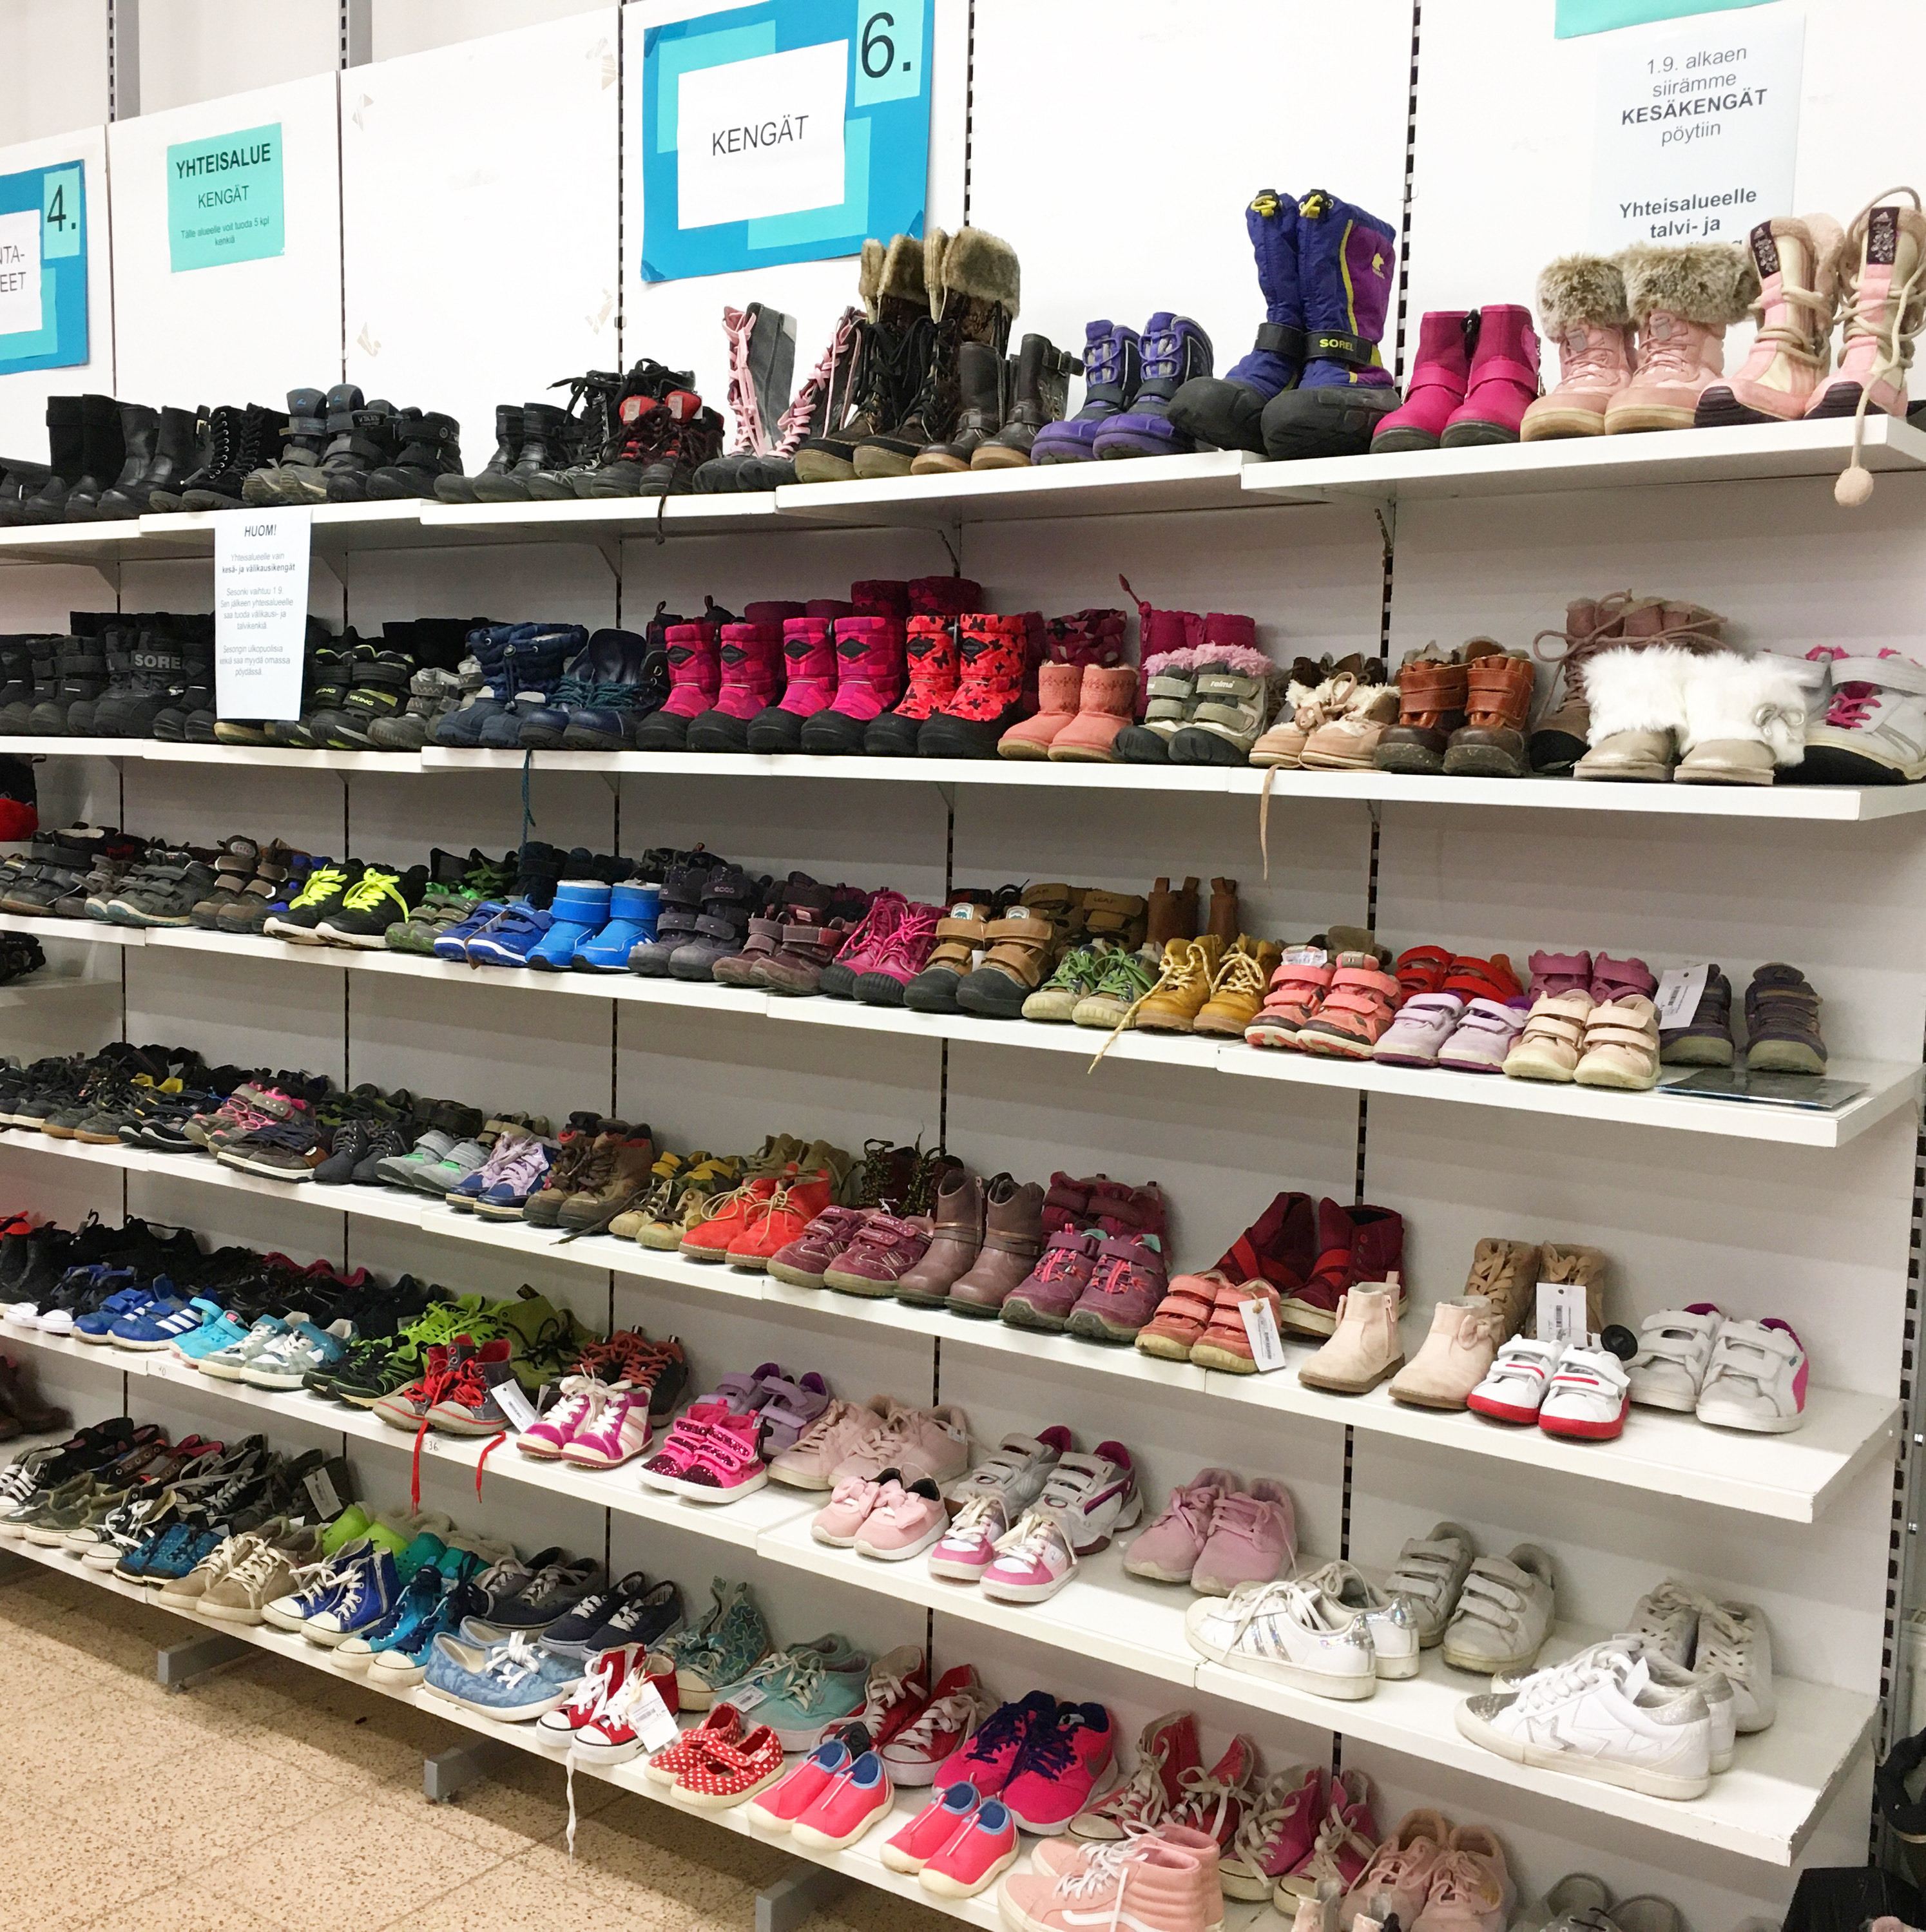 Kengät yhteisalue